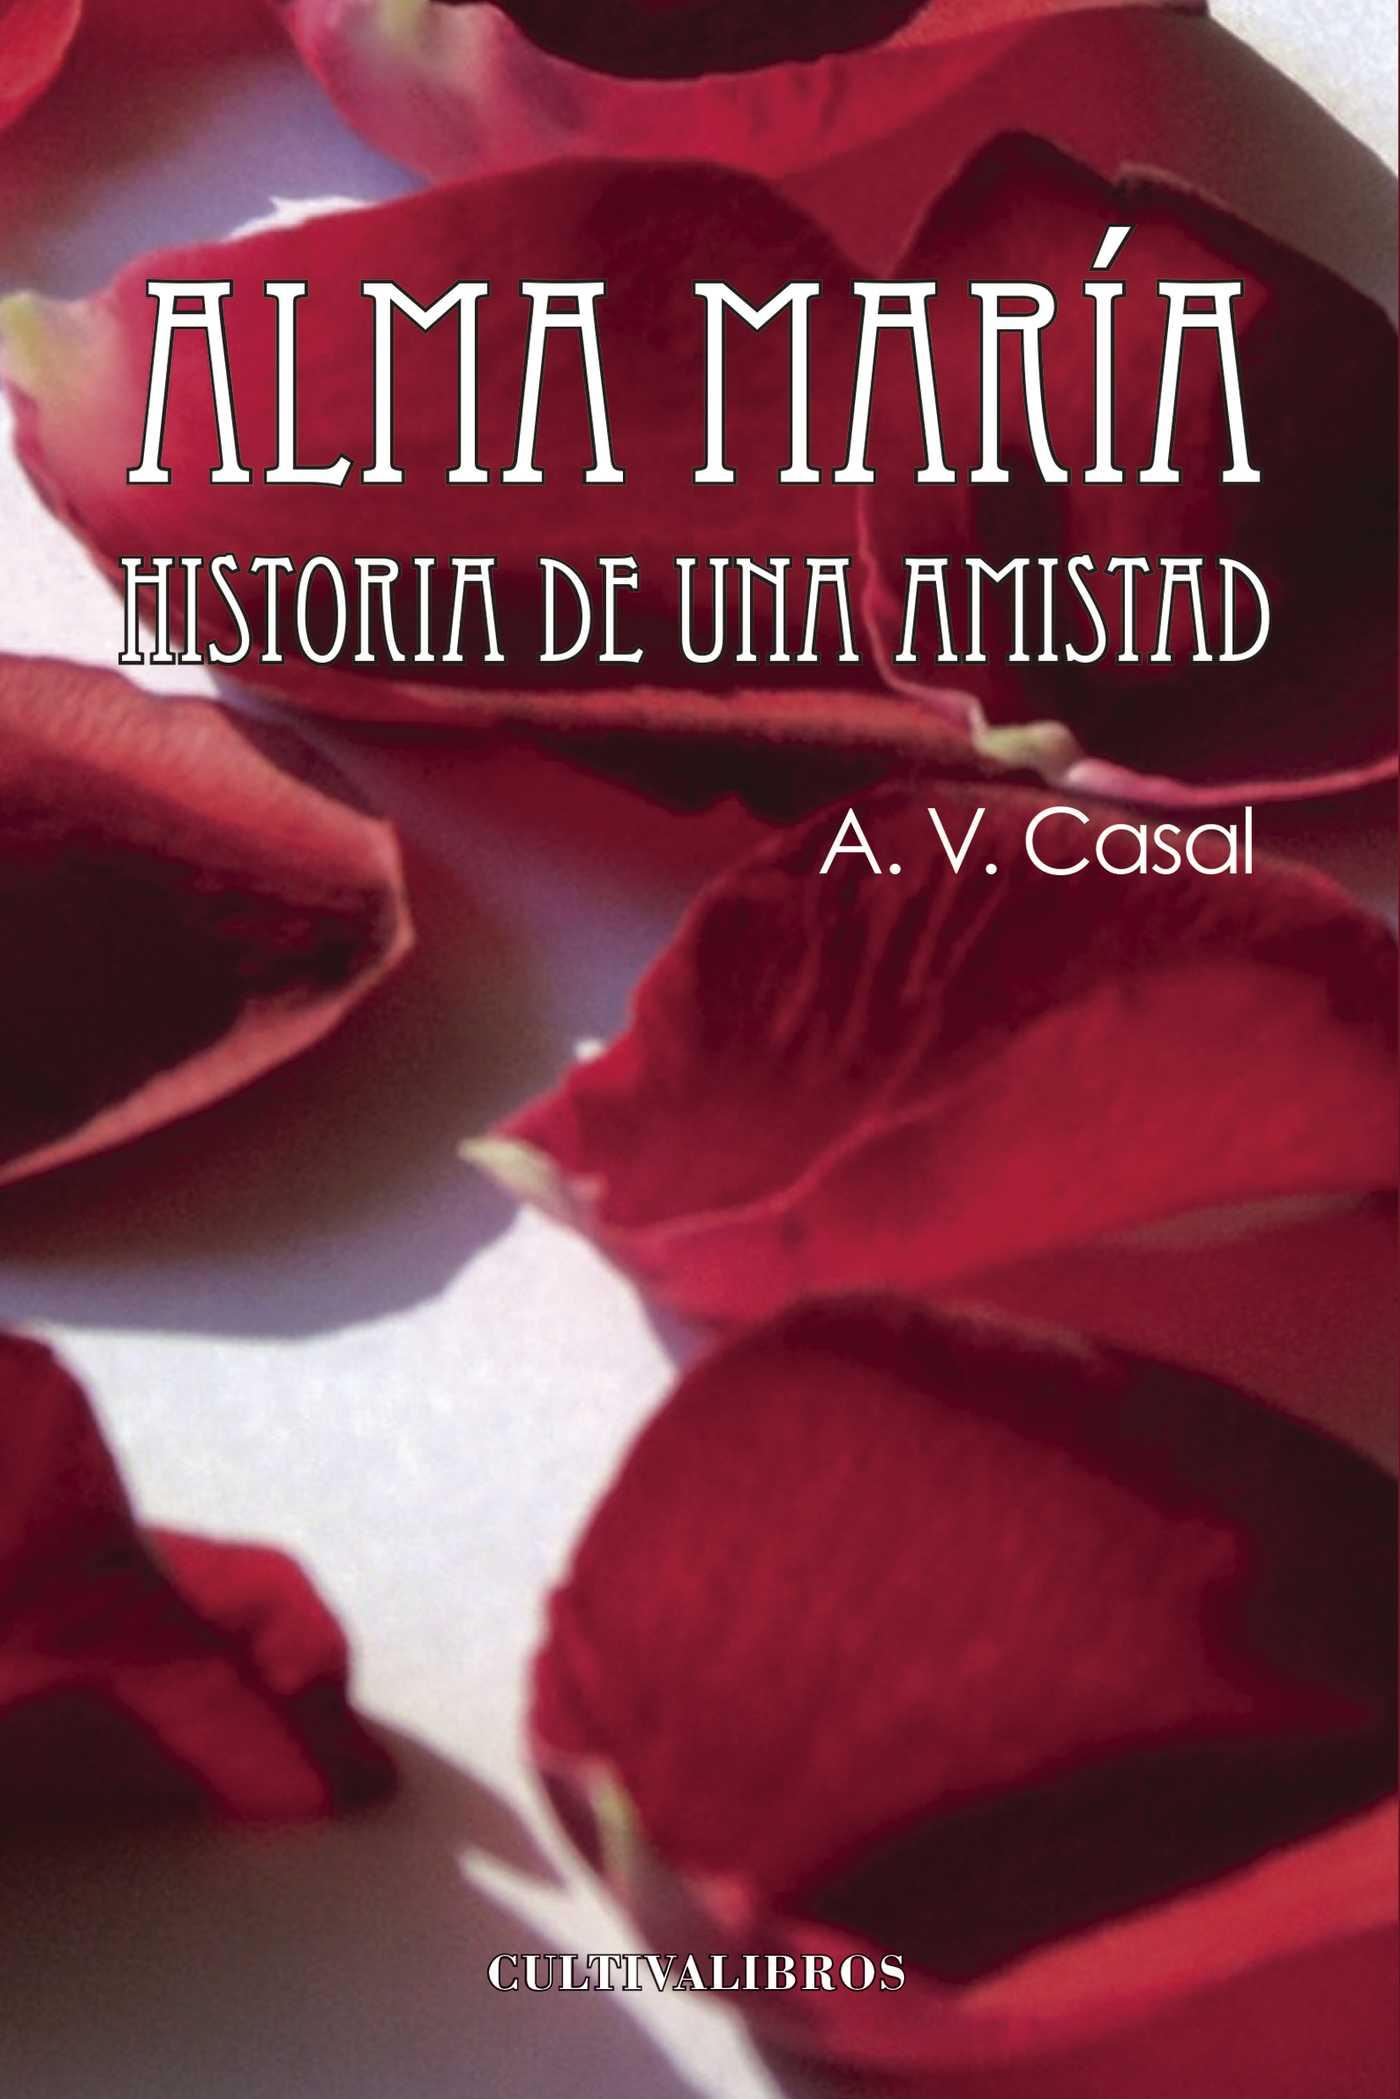 Alma María. Historia de una amistad.